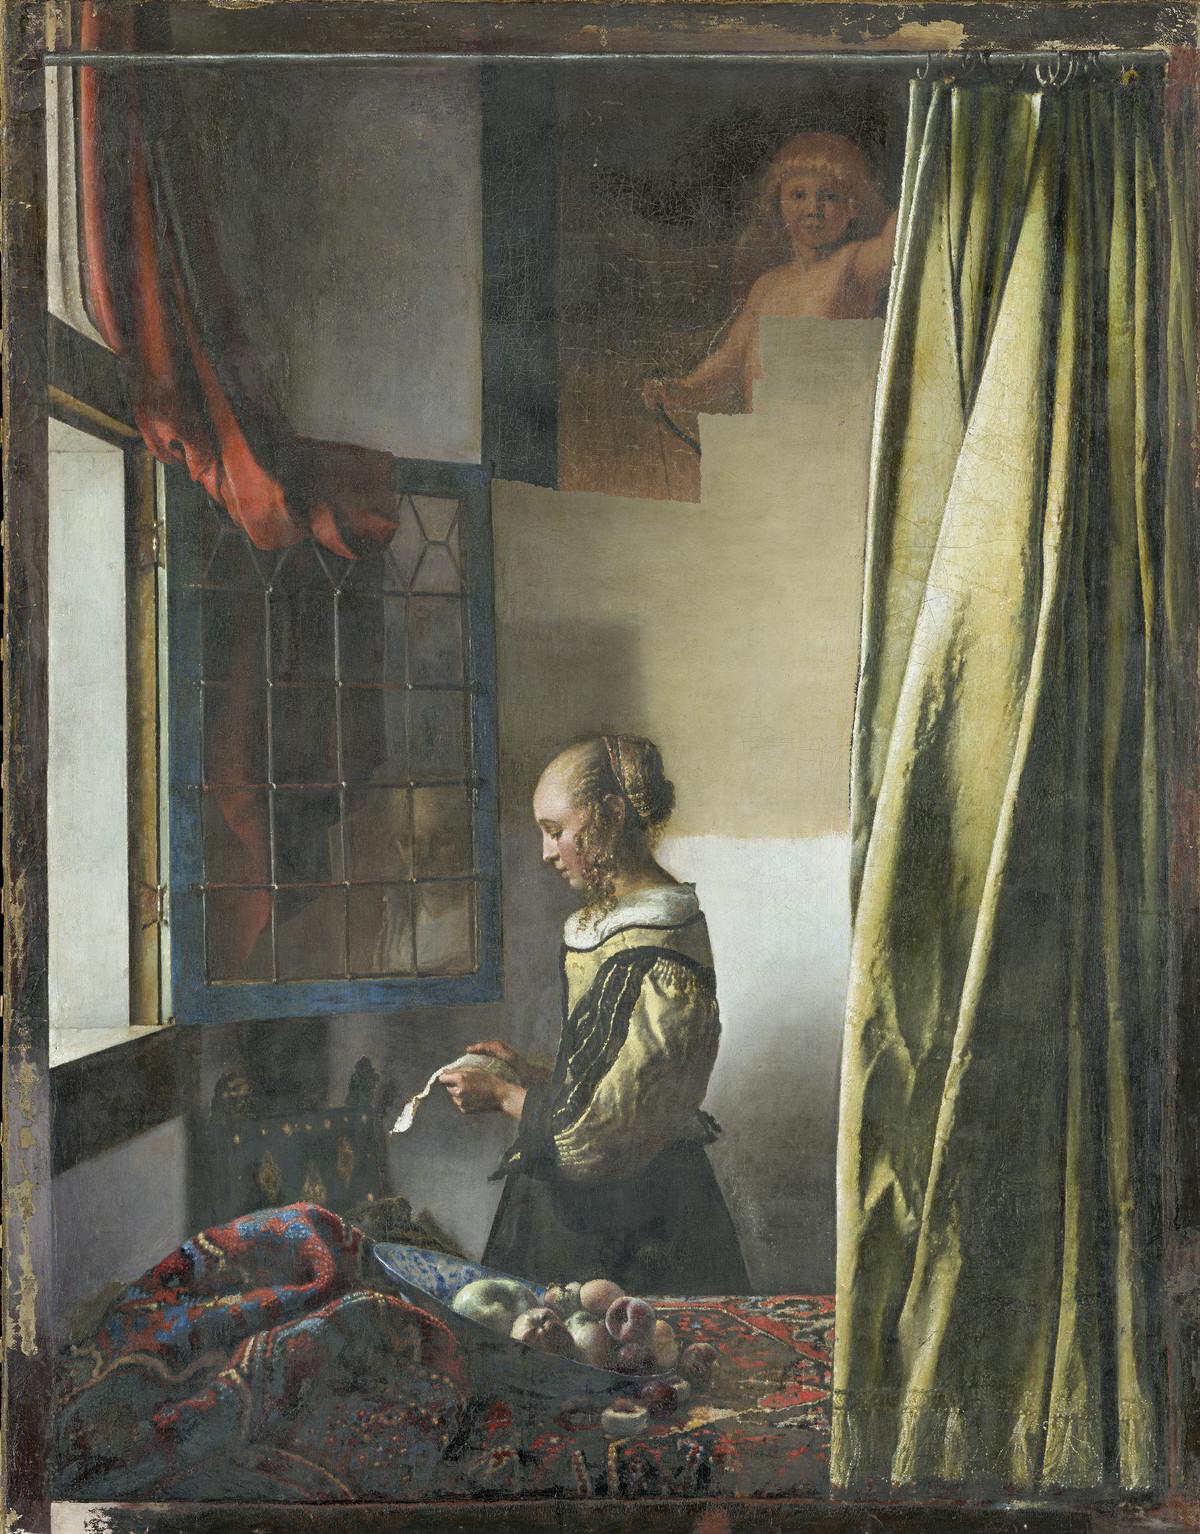 Vermeer_Brieflesendes_Maedchen_2019_05_07